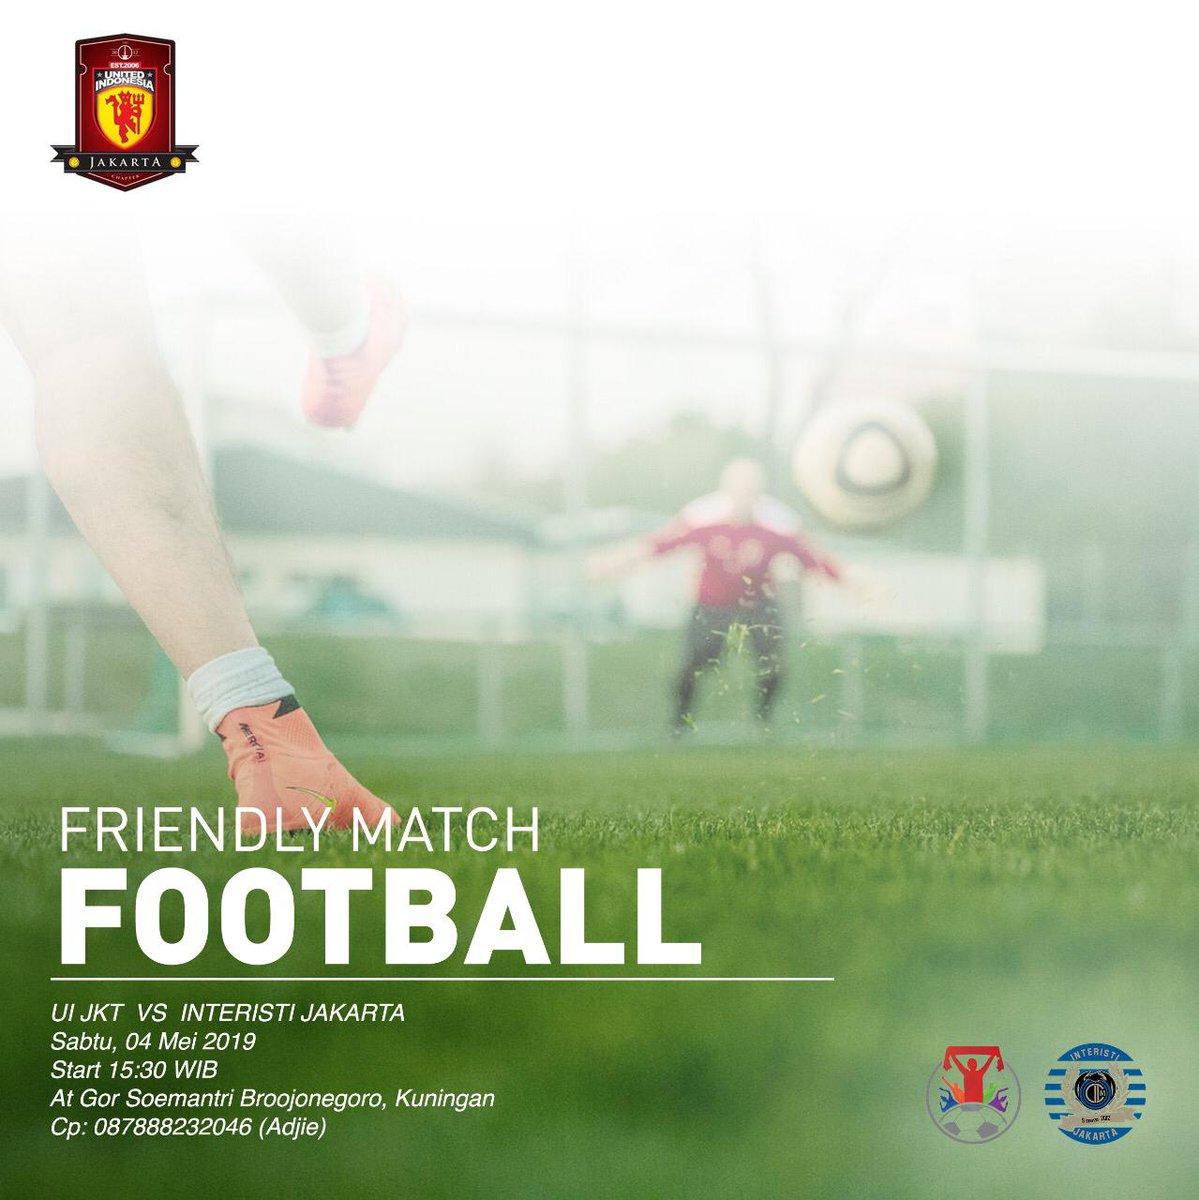 Yuks merapat, bagi yang belum ada acara besok jam 15.30 - 18.00 dan ingin ikut sparing bola bersama #UIJKT vs @ICI_Jakarta langsung aja hub cp yg ada di gambar!   #UIJKT